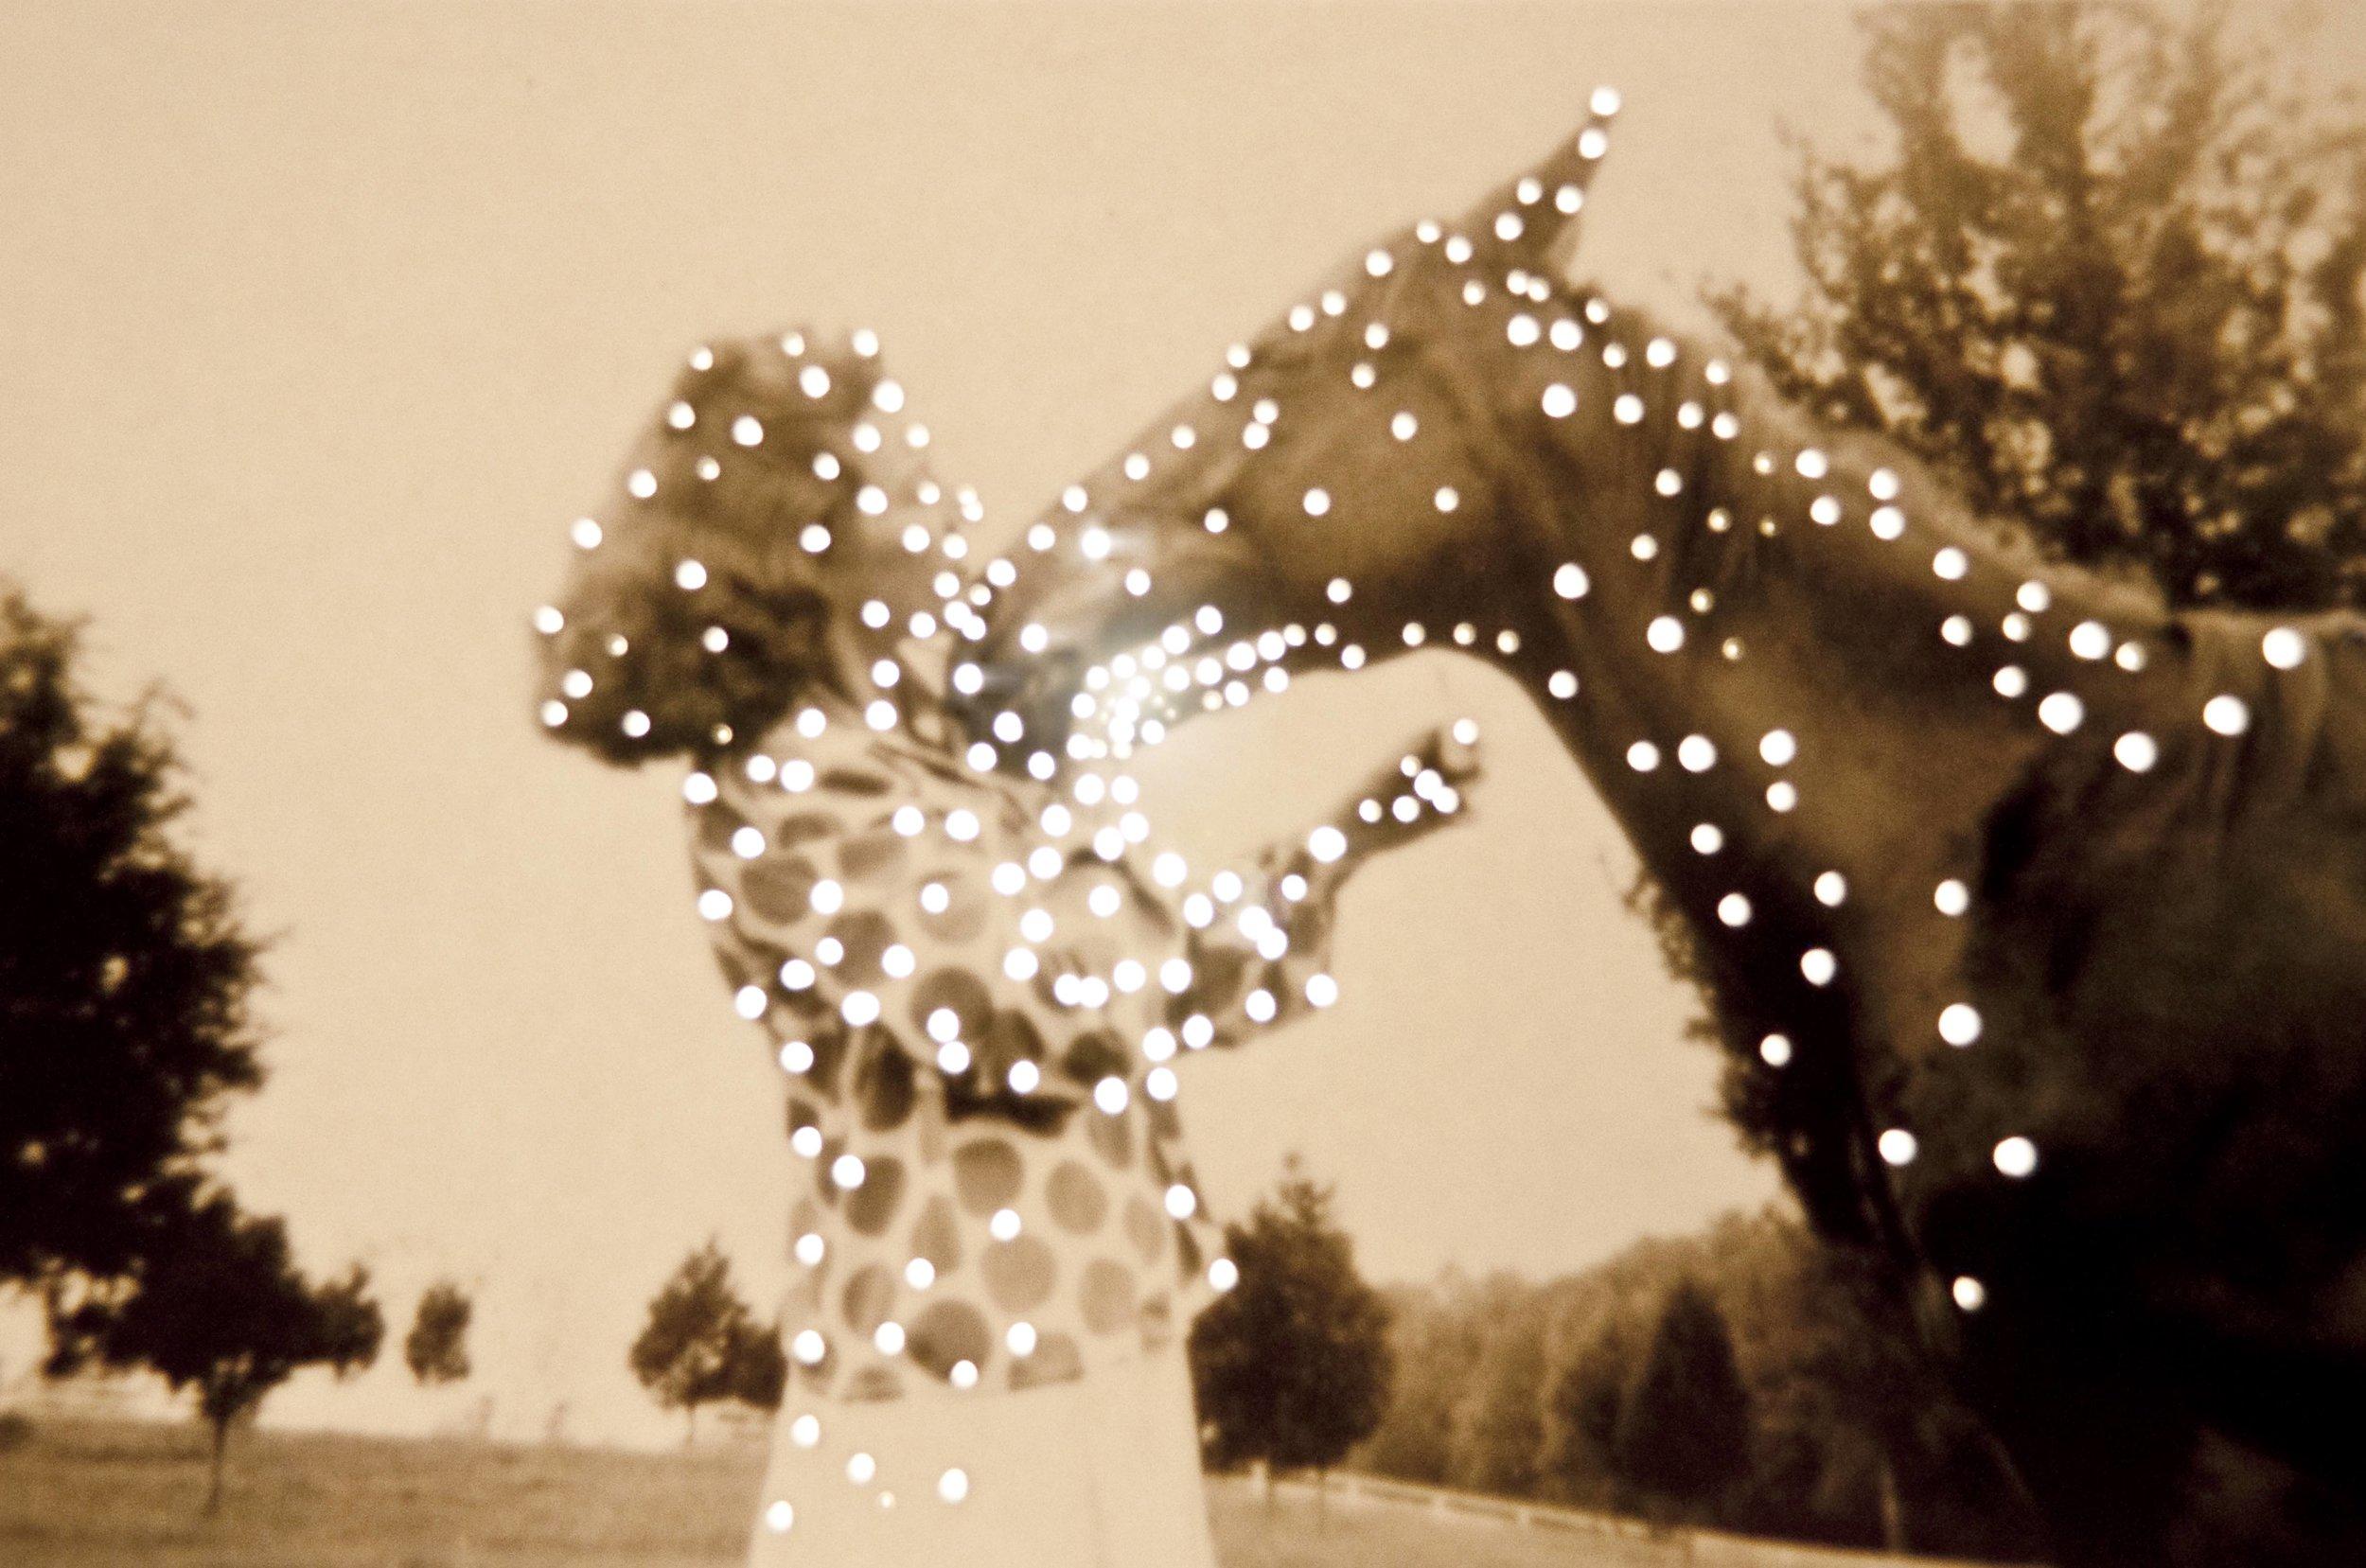 Friend_Afterglow_2012_pigment-print_10x16.jpeg